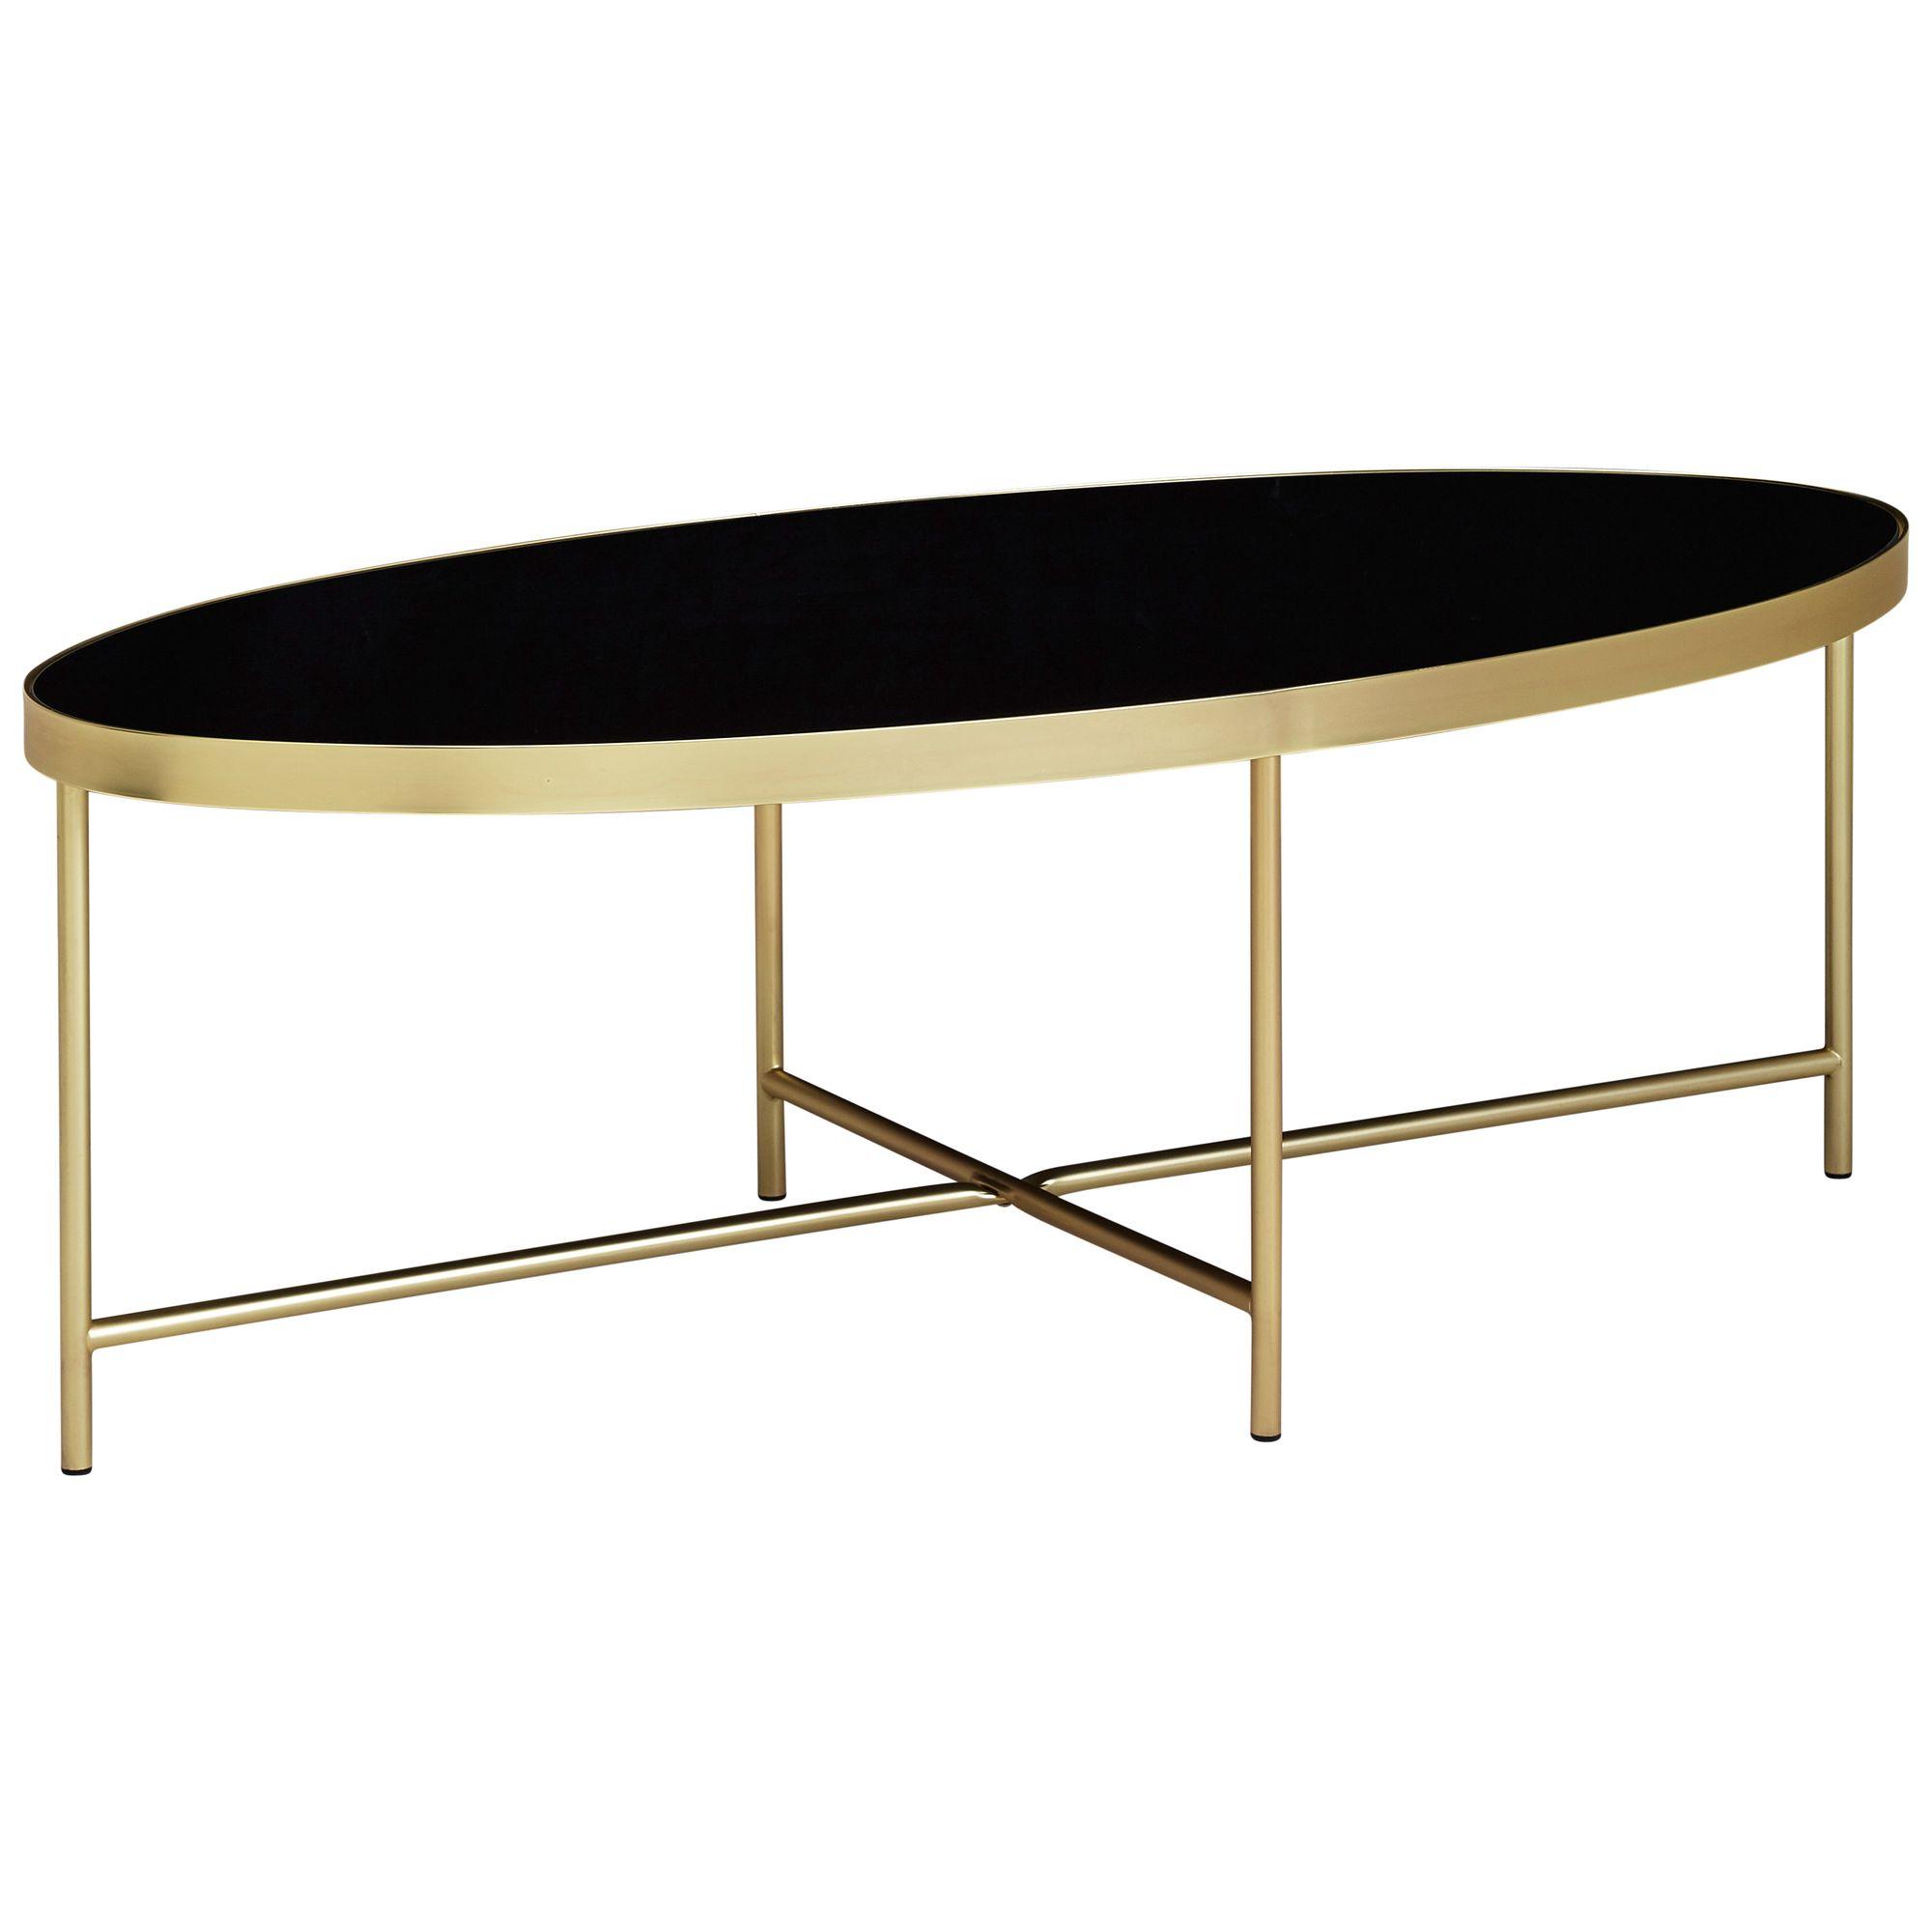 WOHNLING Couchtisch Glas Schwarz Wohnzimmertisch Oval 110 x 56 Glastisch  Gold